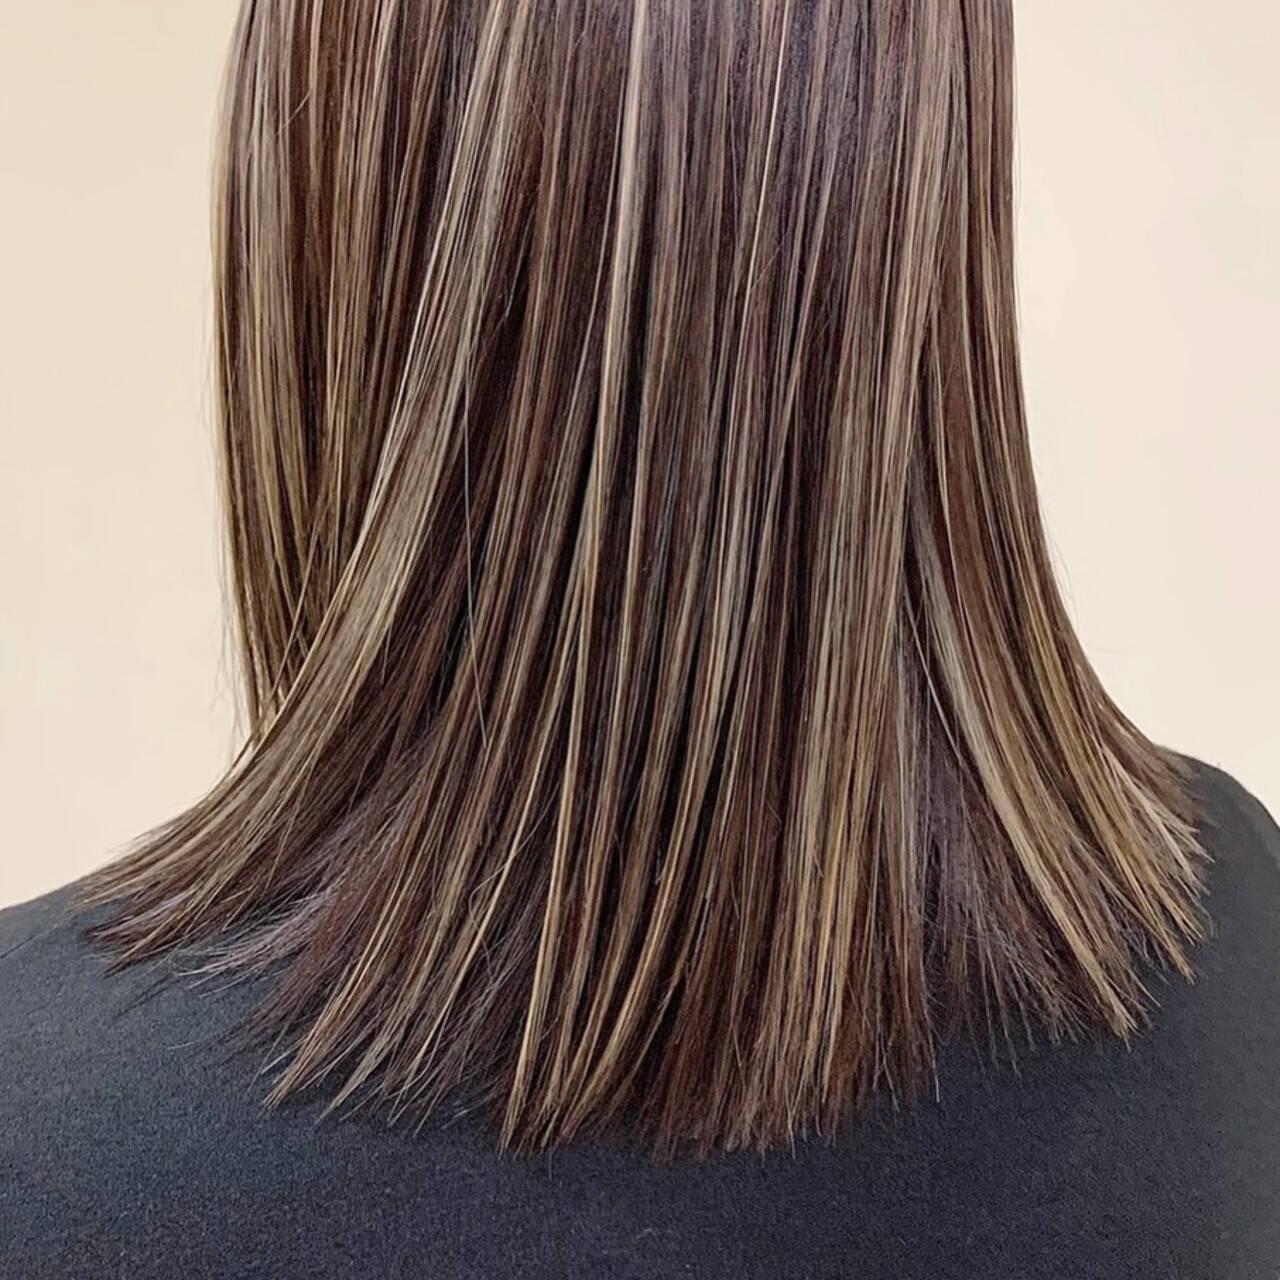 大人ハイライト ハイライト 極細ハイライト 3Dハイライトヘアスタイルや髪型の写真・画像